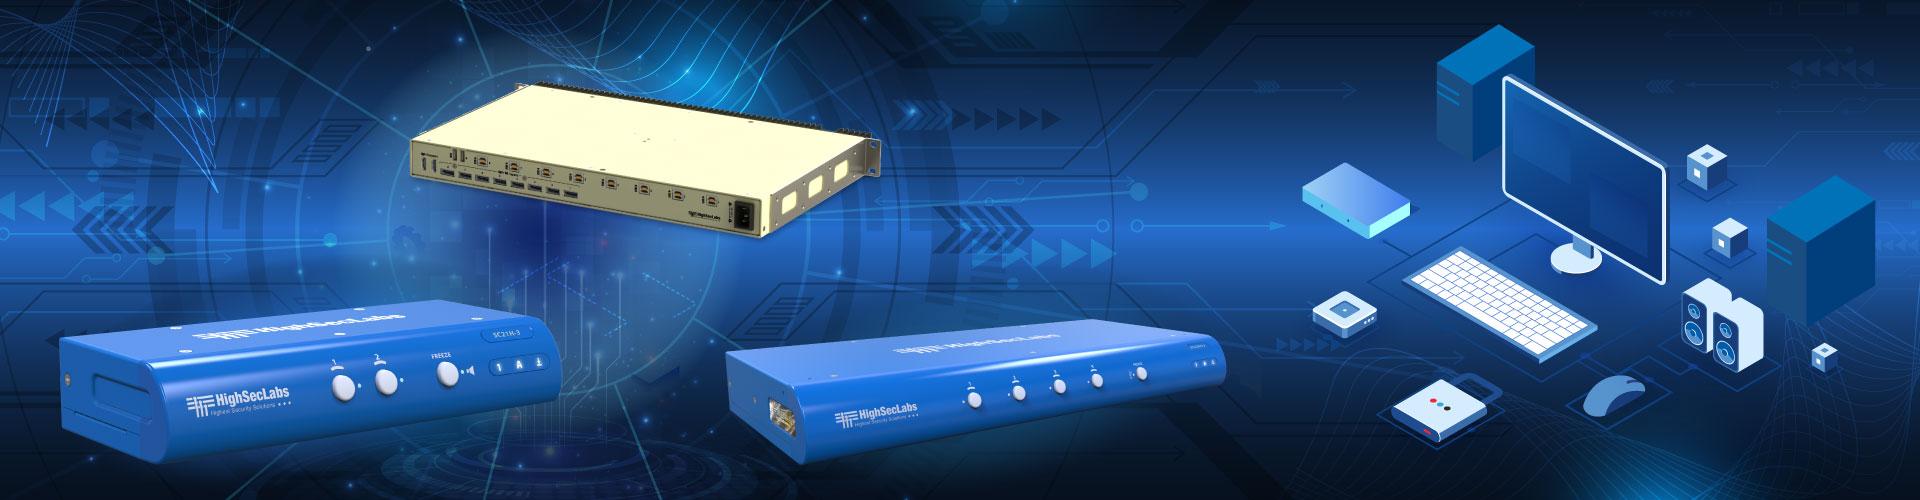 Secure KVM Combiners